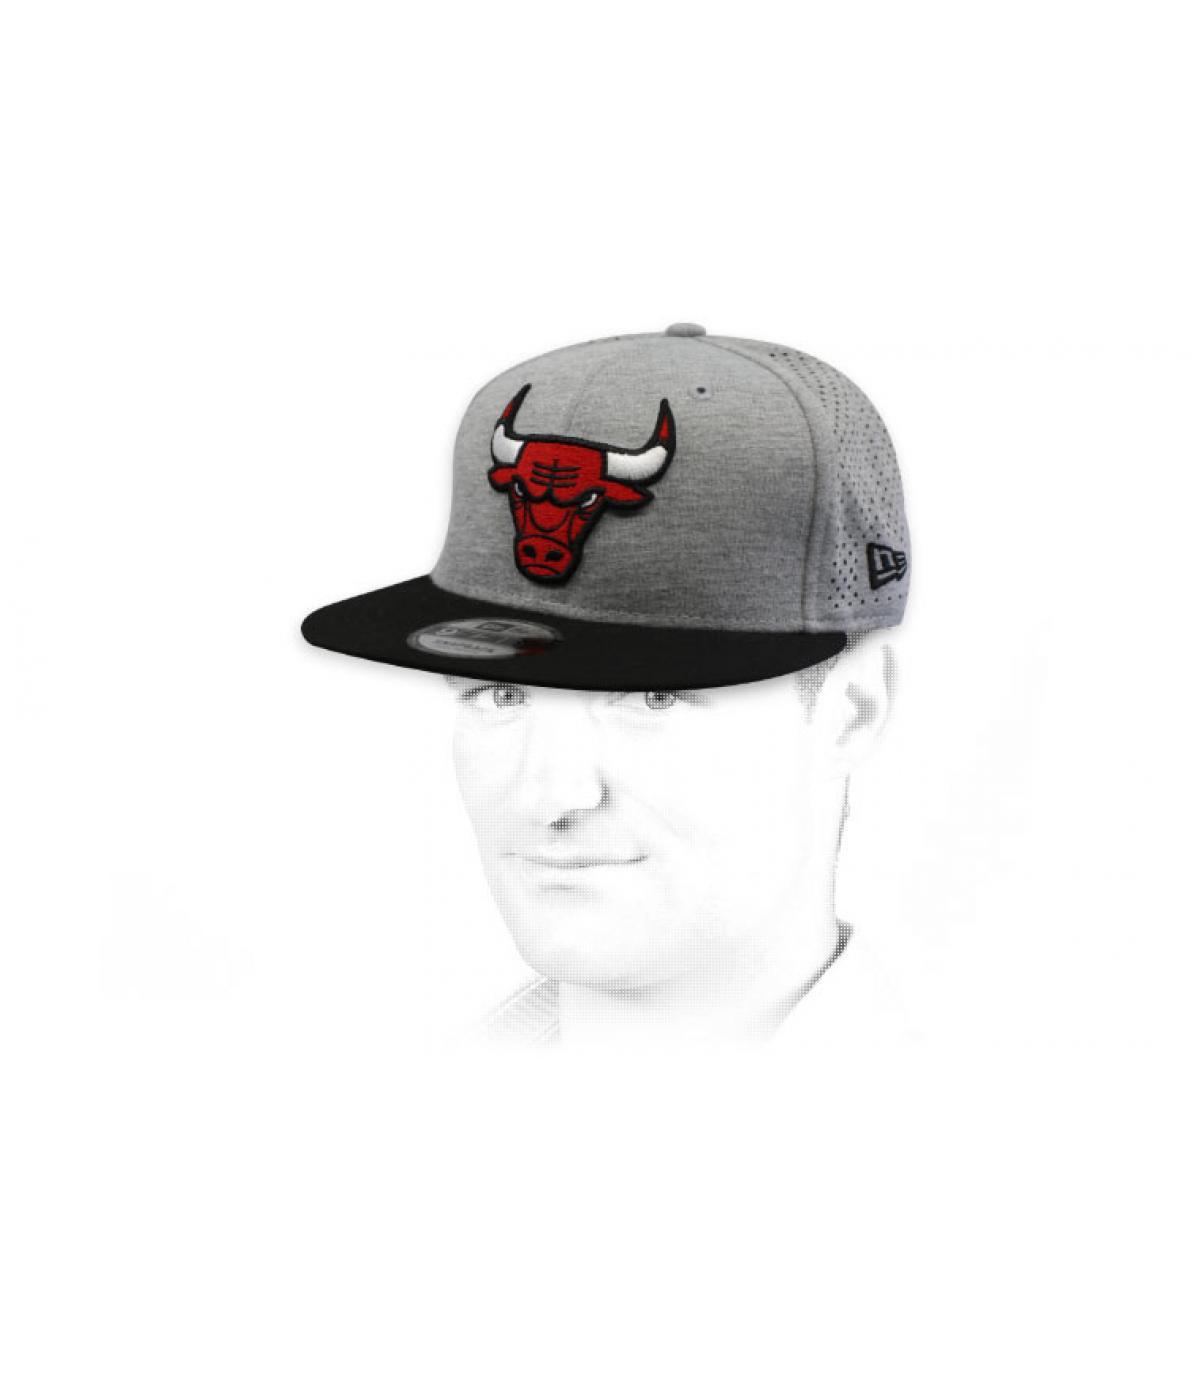 Snapback Bulls grau